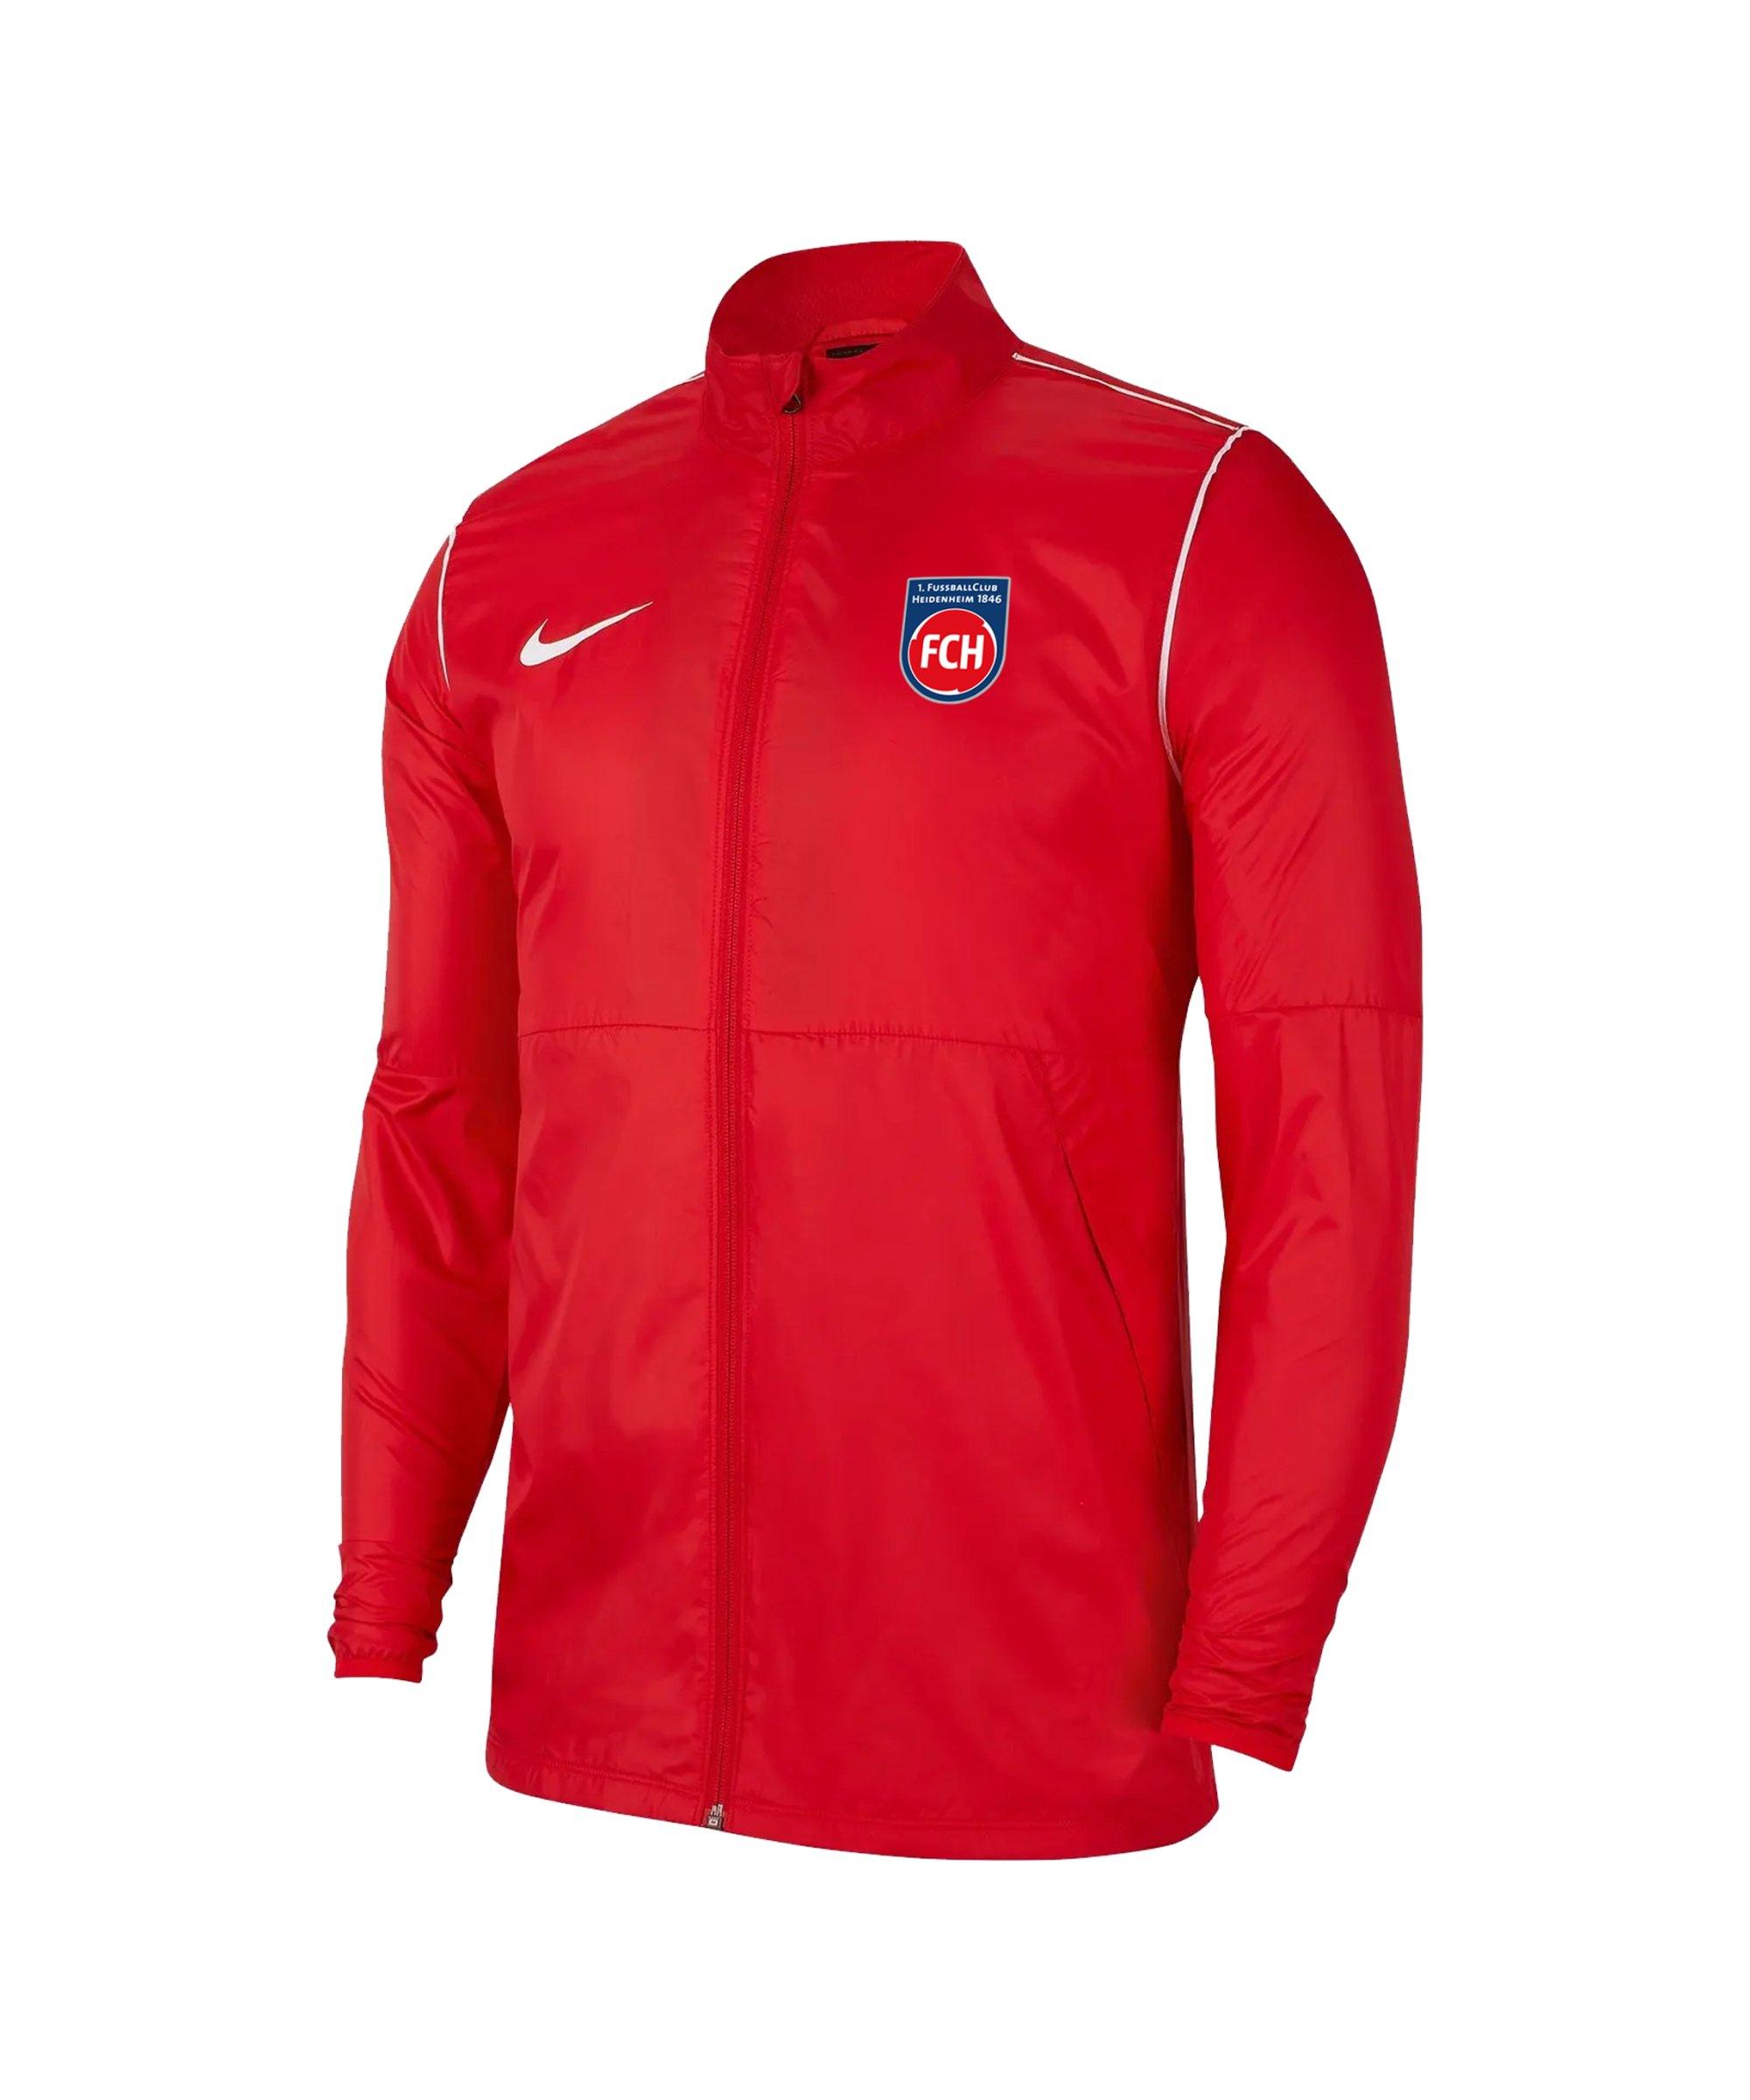 Nike 1. FC Heidenheim Repel Regenjacke F657 - rot